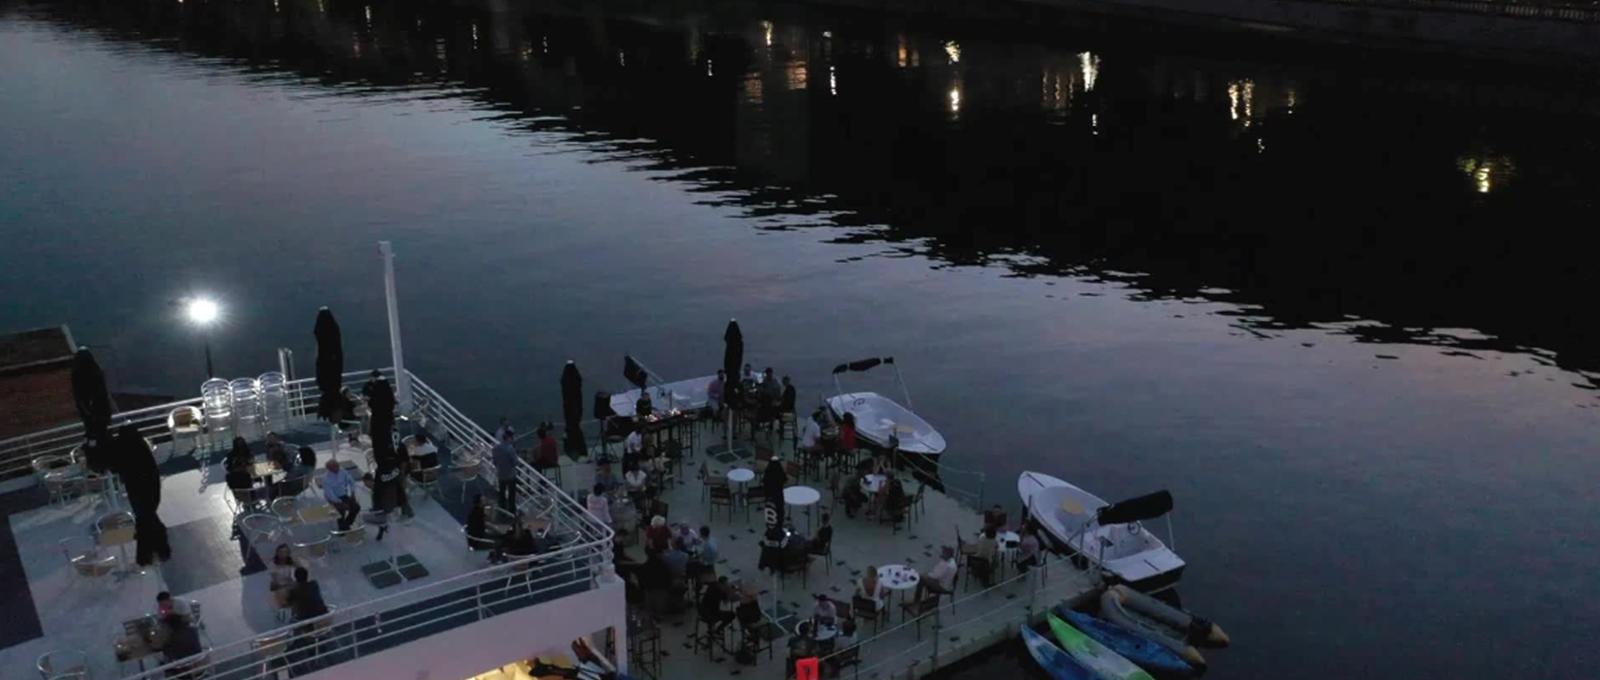 Terrasse-soir - Les Capitaineries de Namur